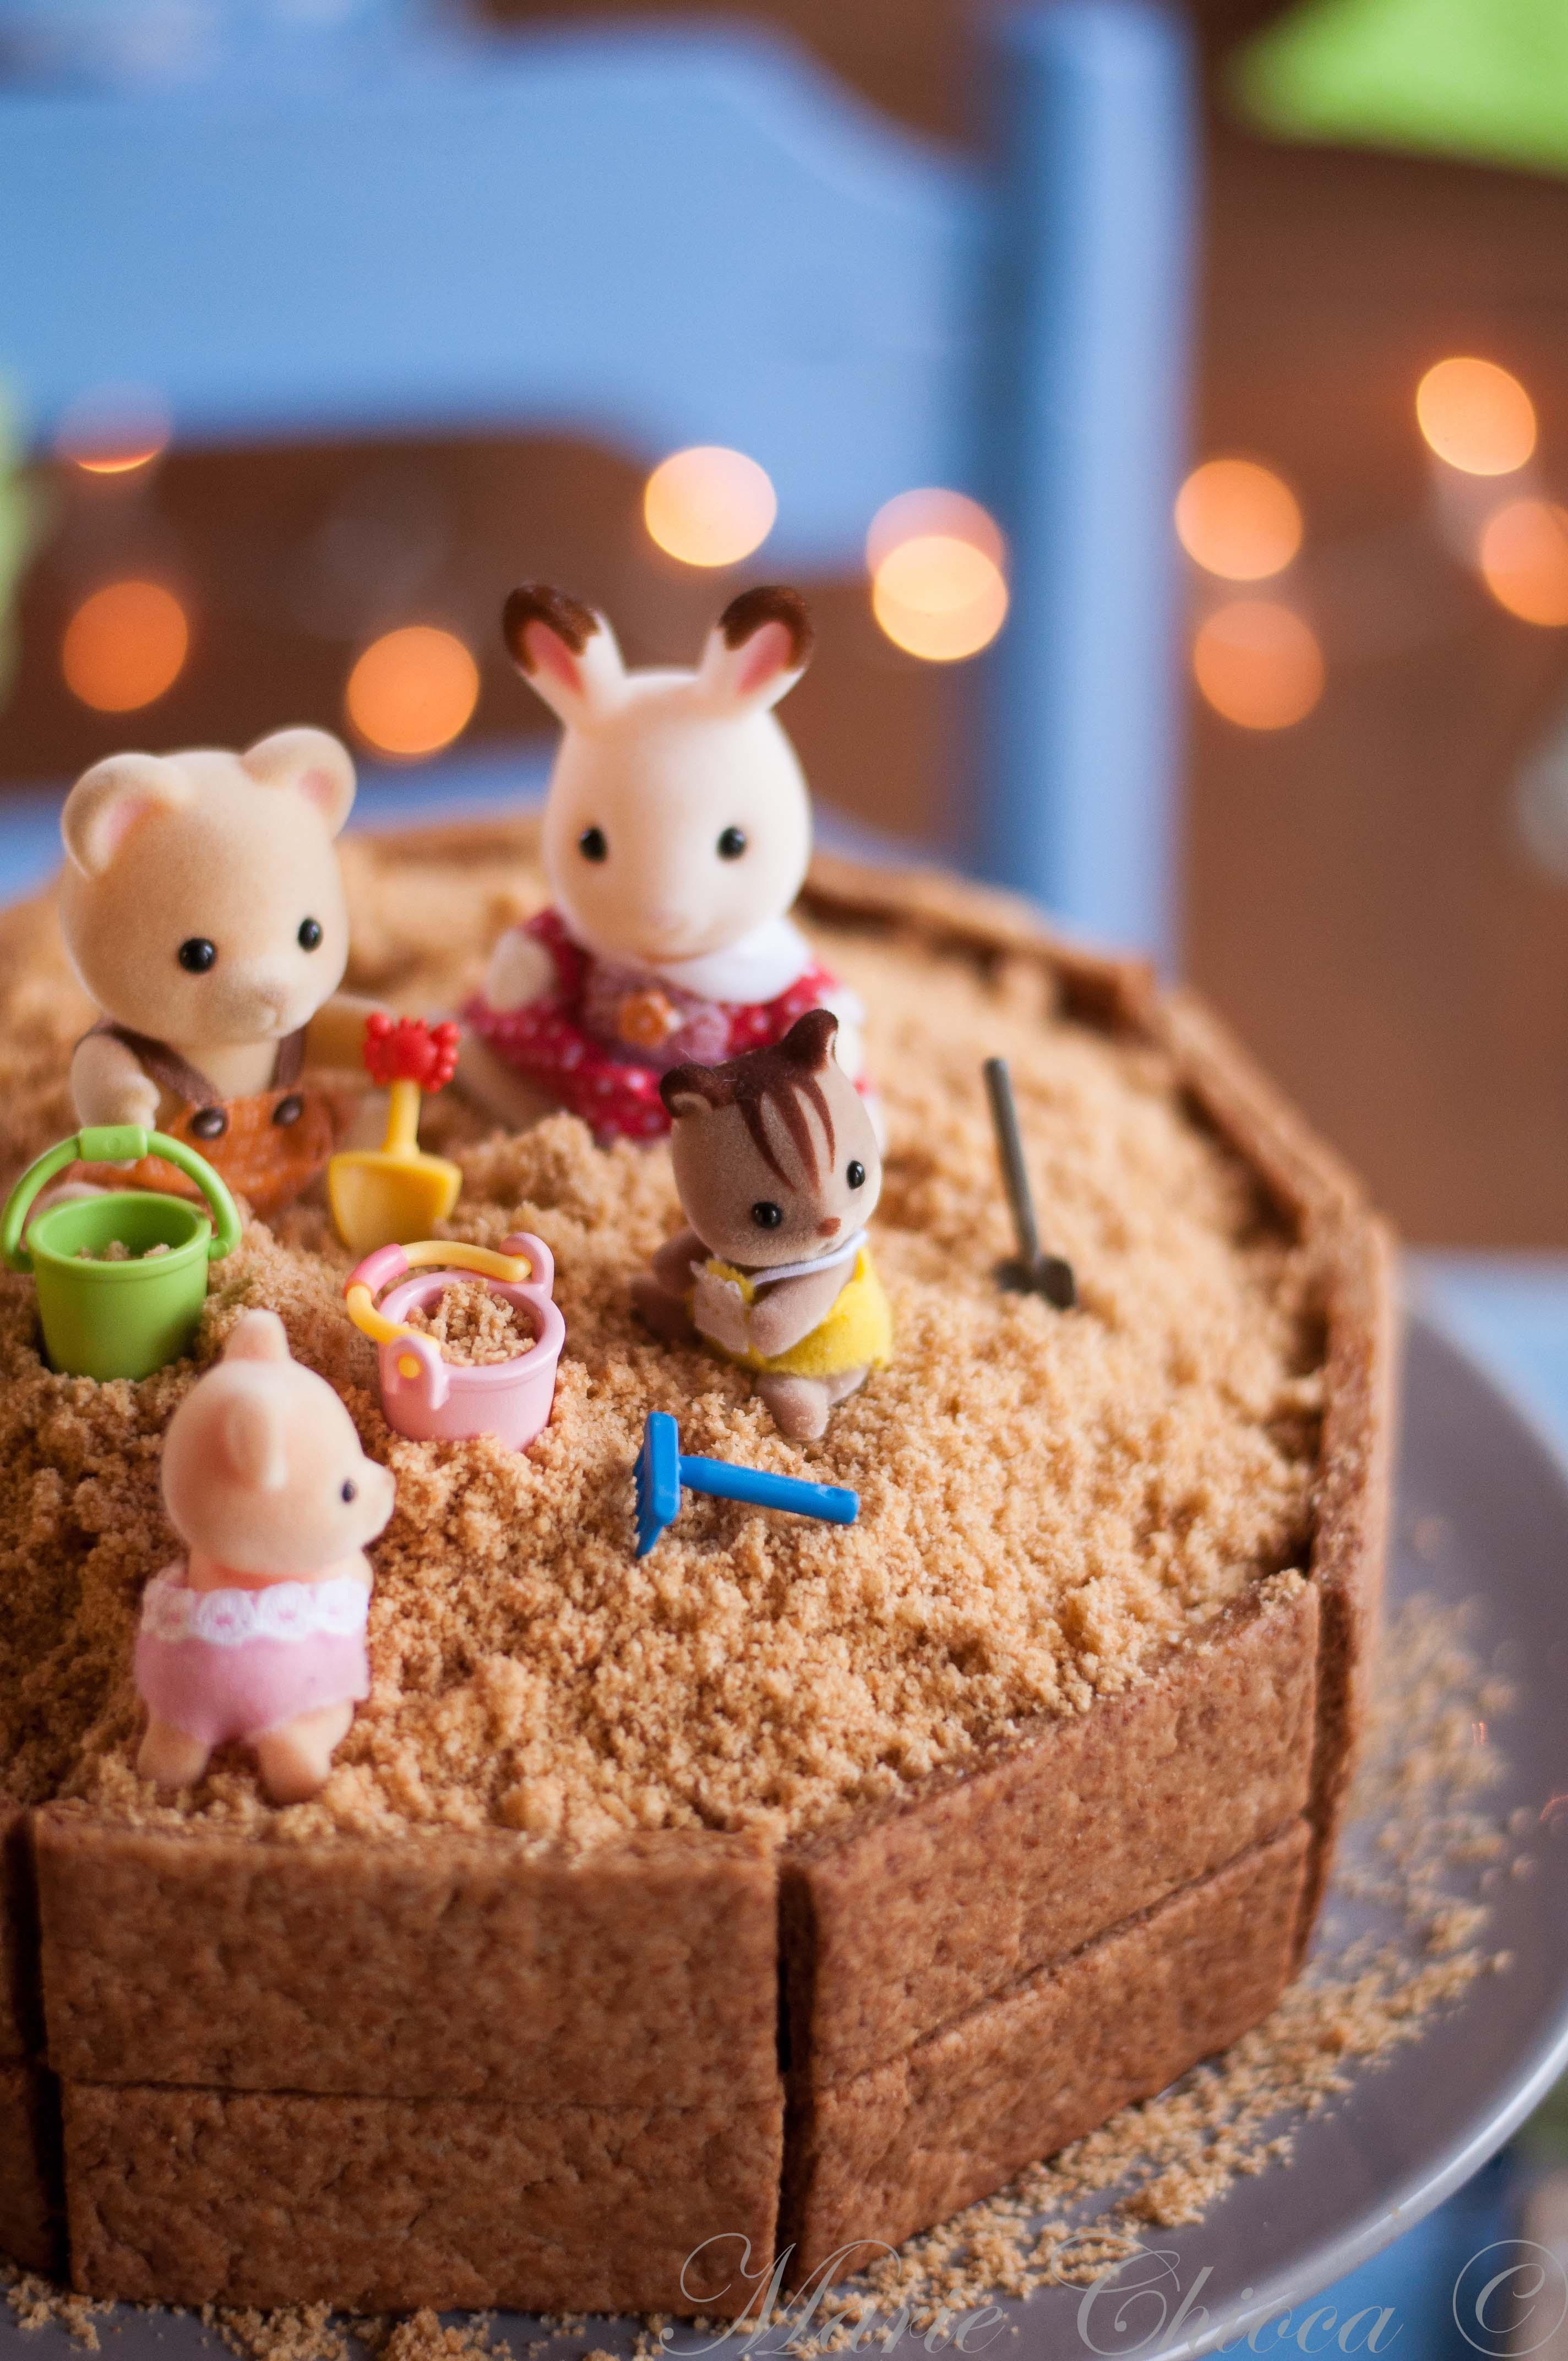 Gâteau Bac à sable, détail